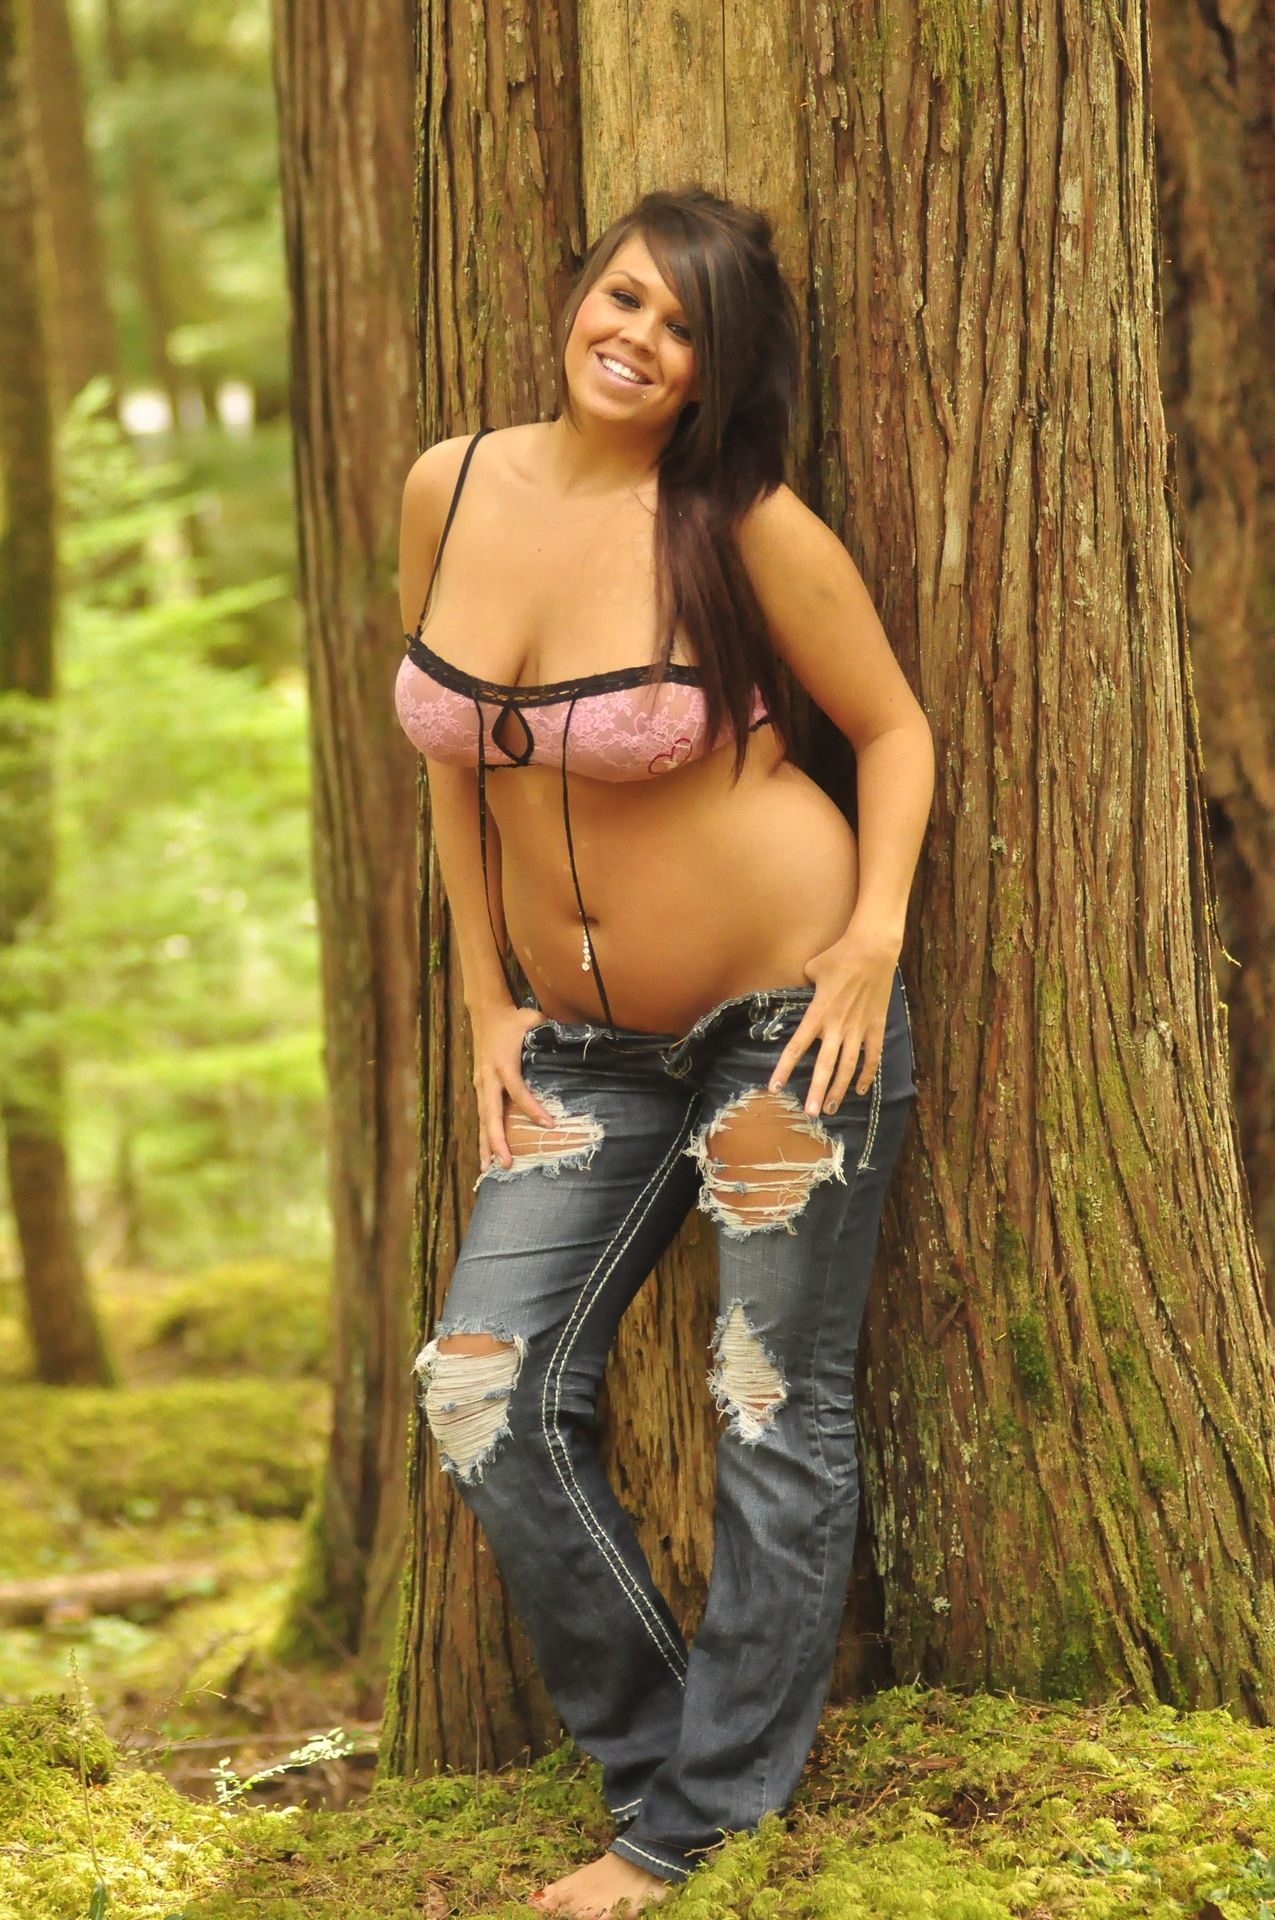 Sexy ebony nude models